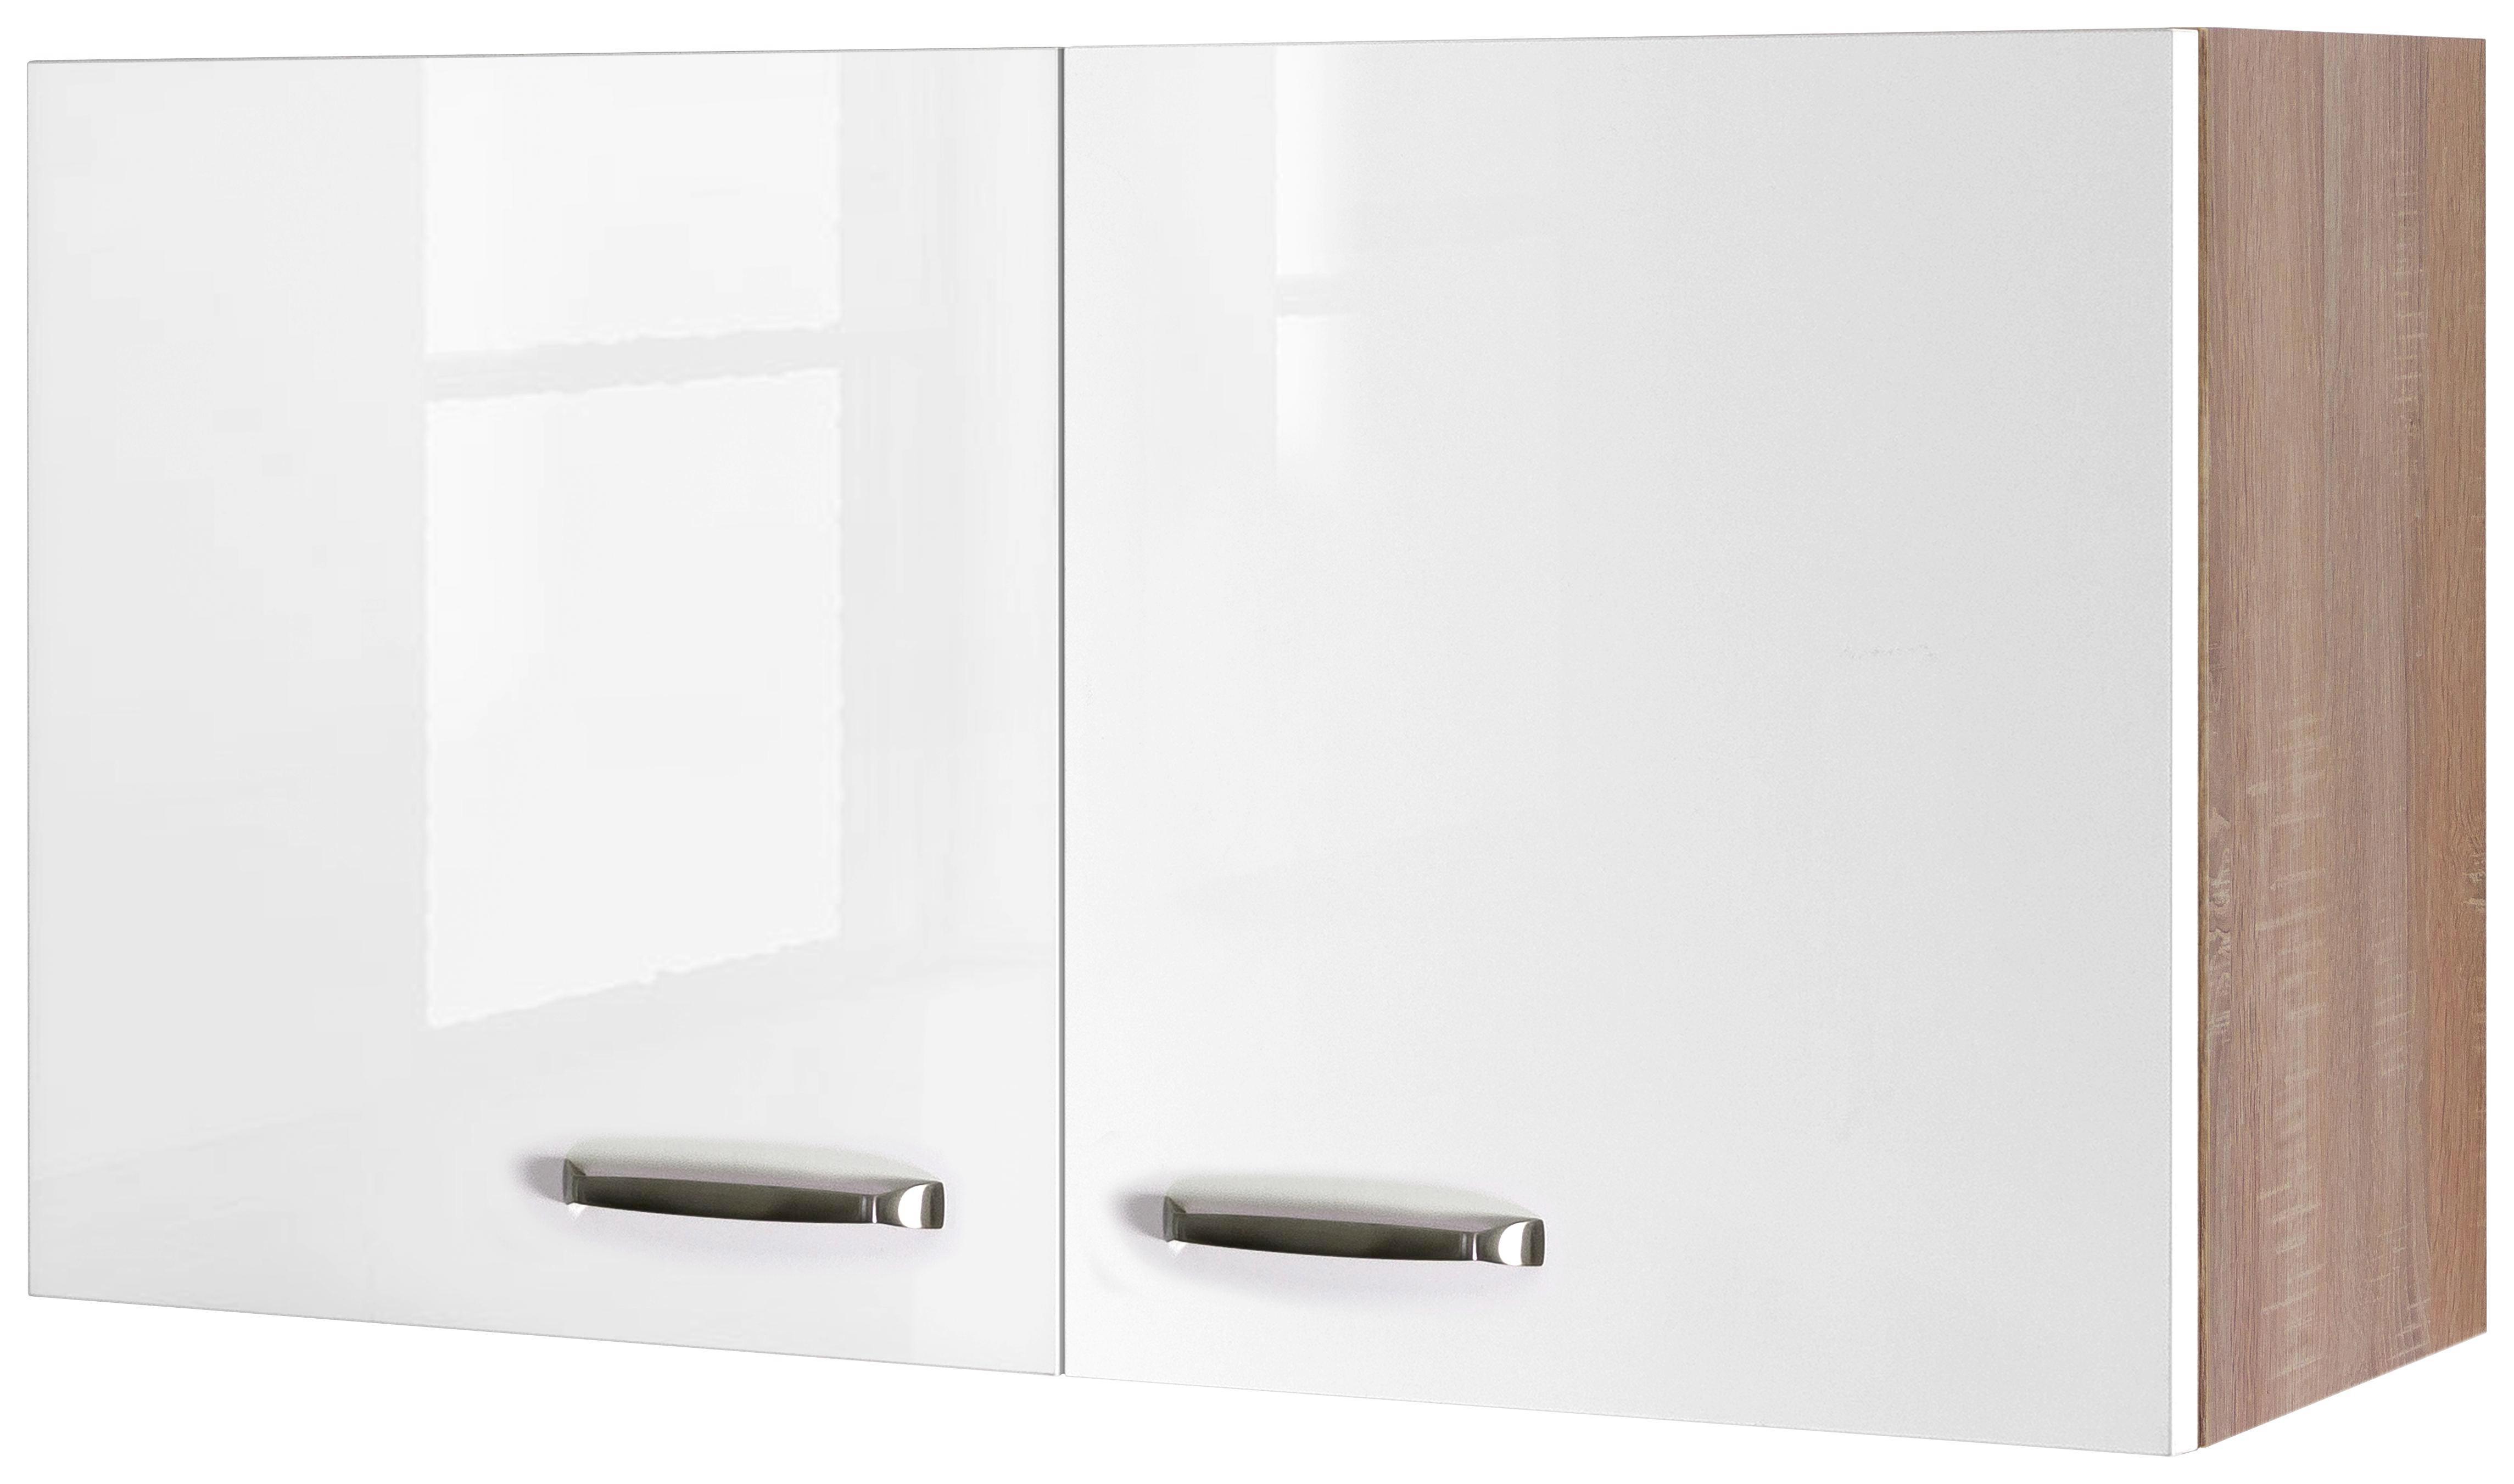 Küchenoberschrank Höhe ~ küchenoberschrank weiß hochglanz eiche online kaufen mömax